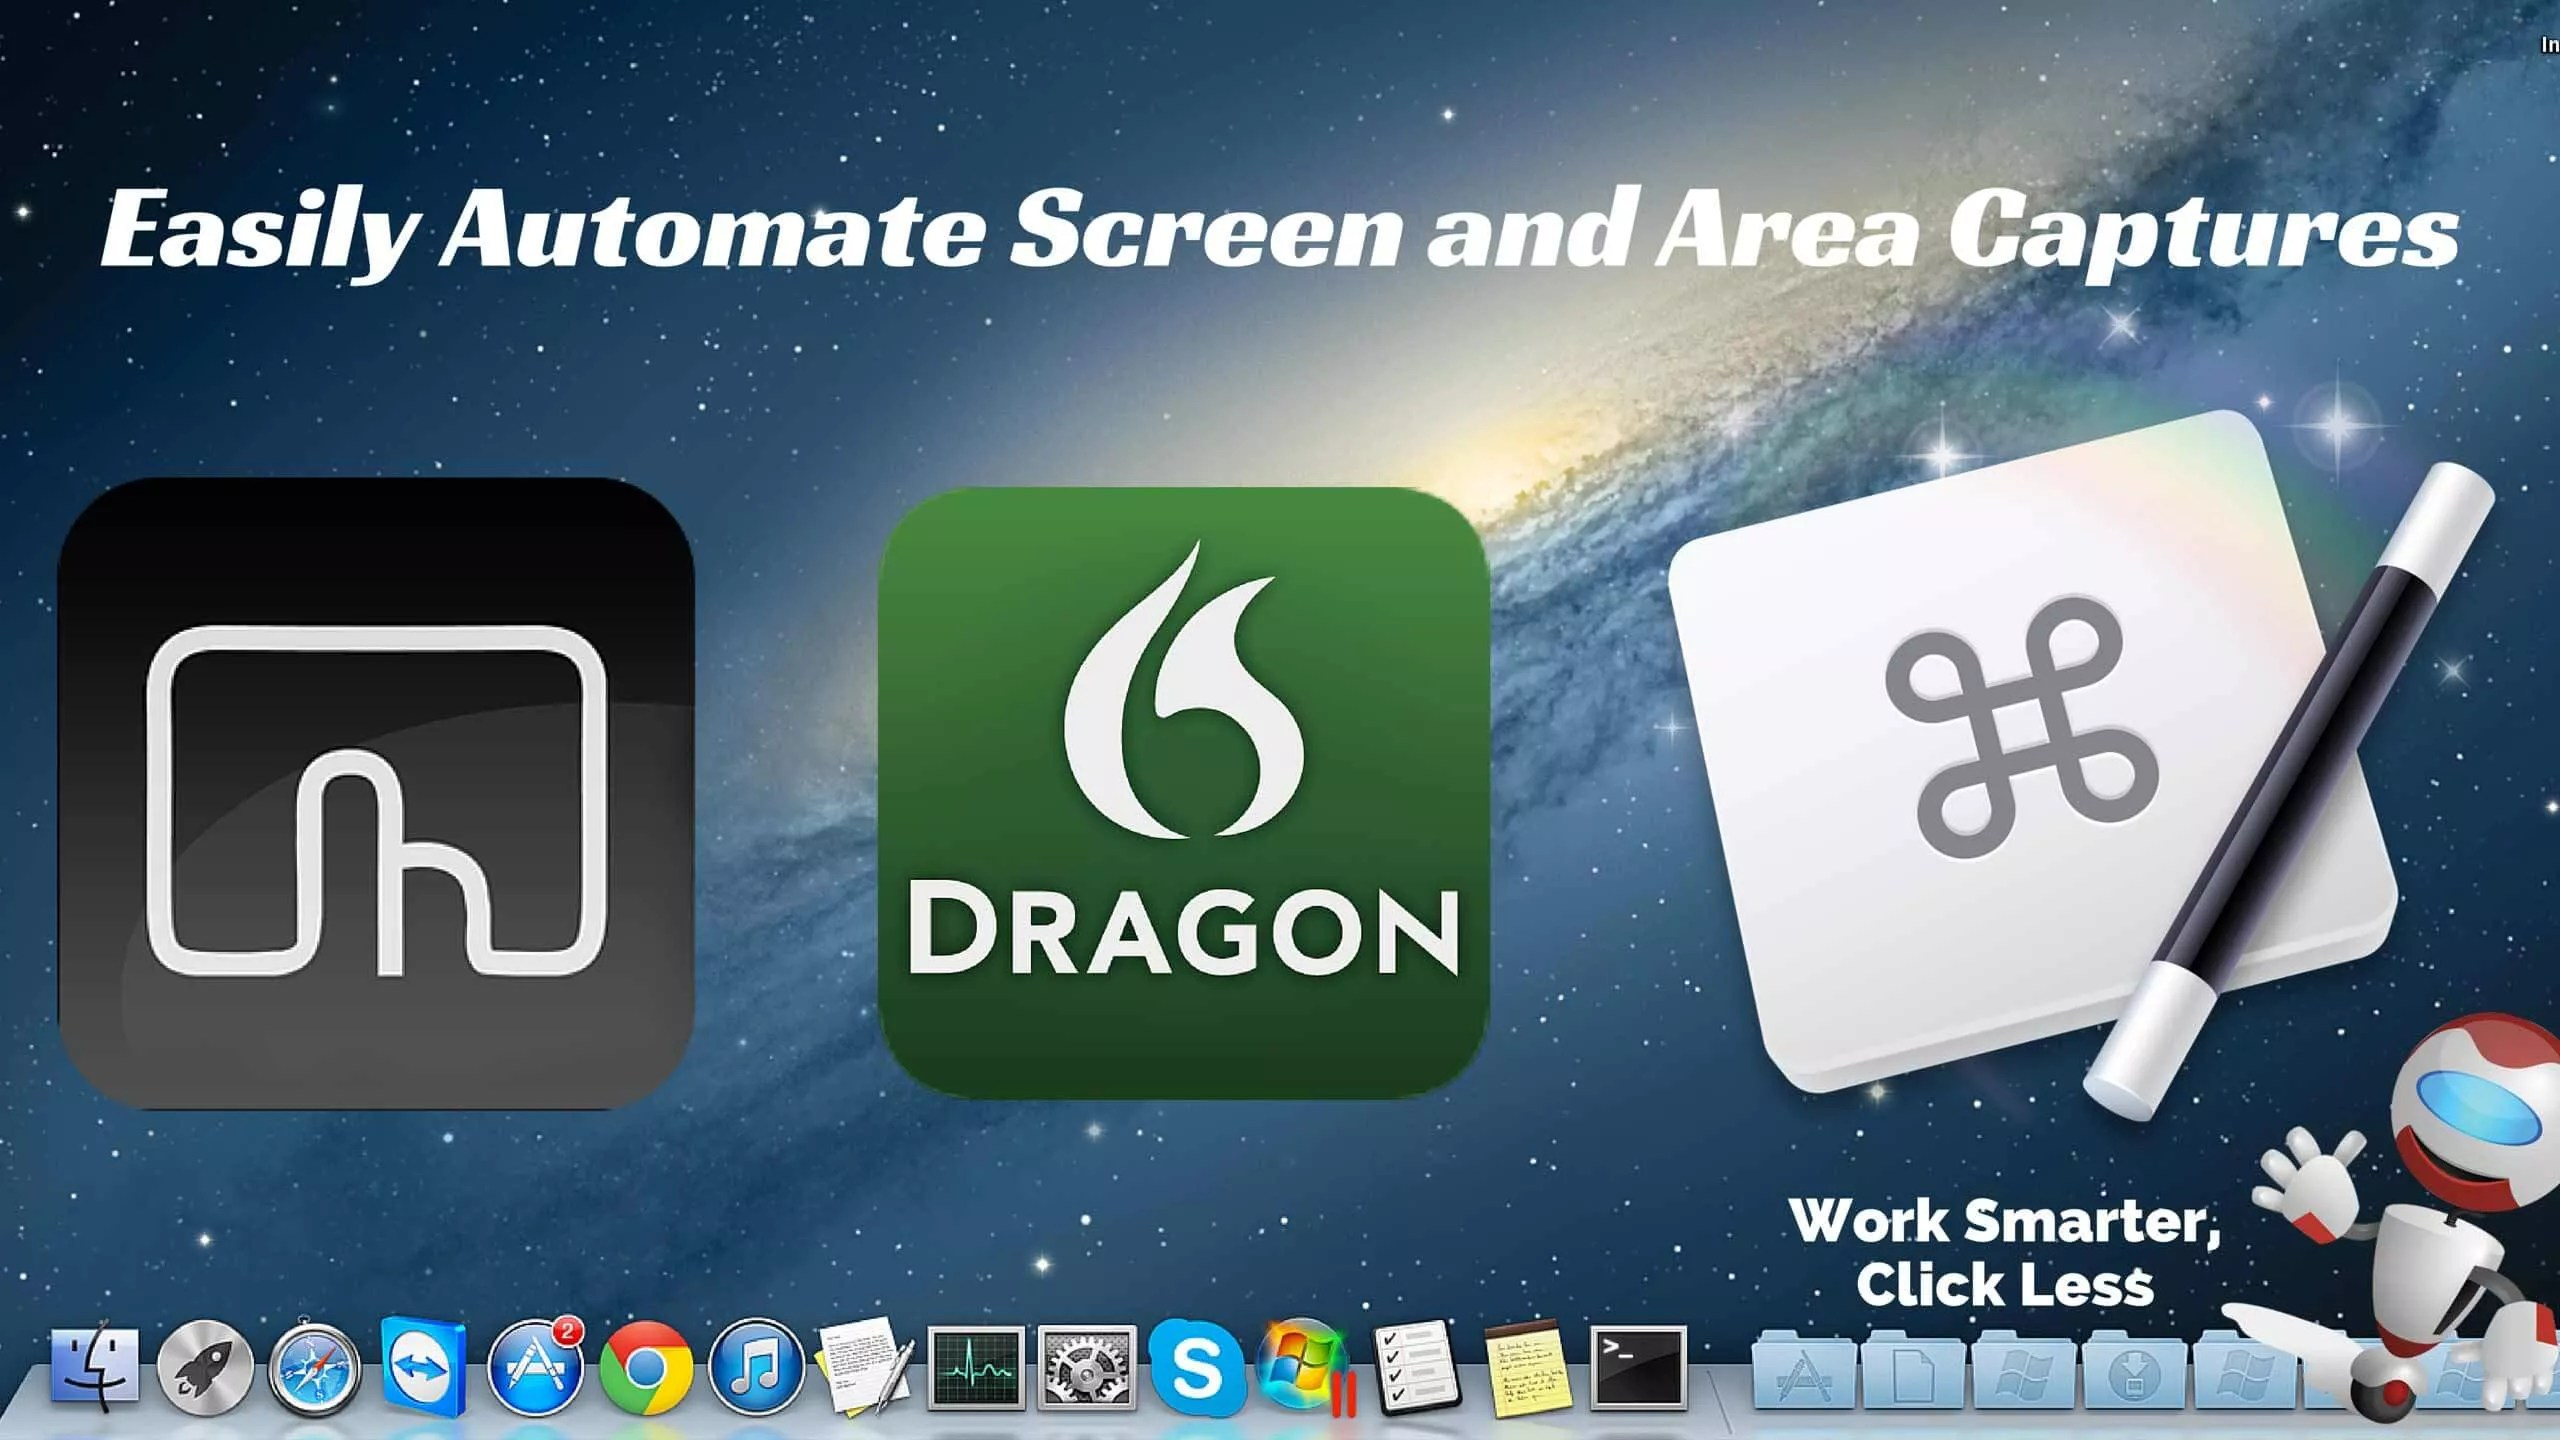 Mac automation